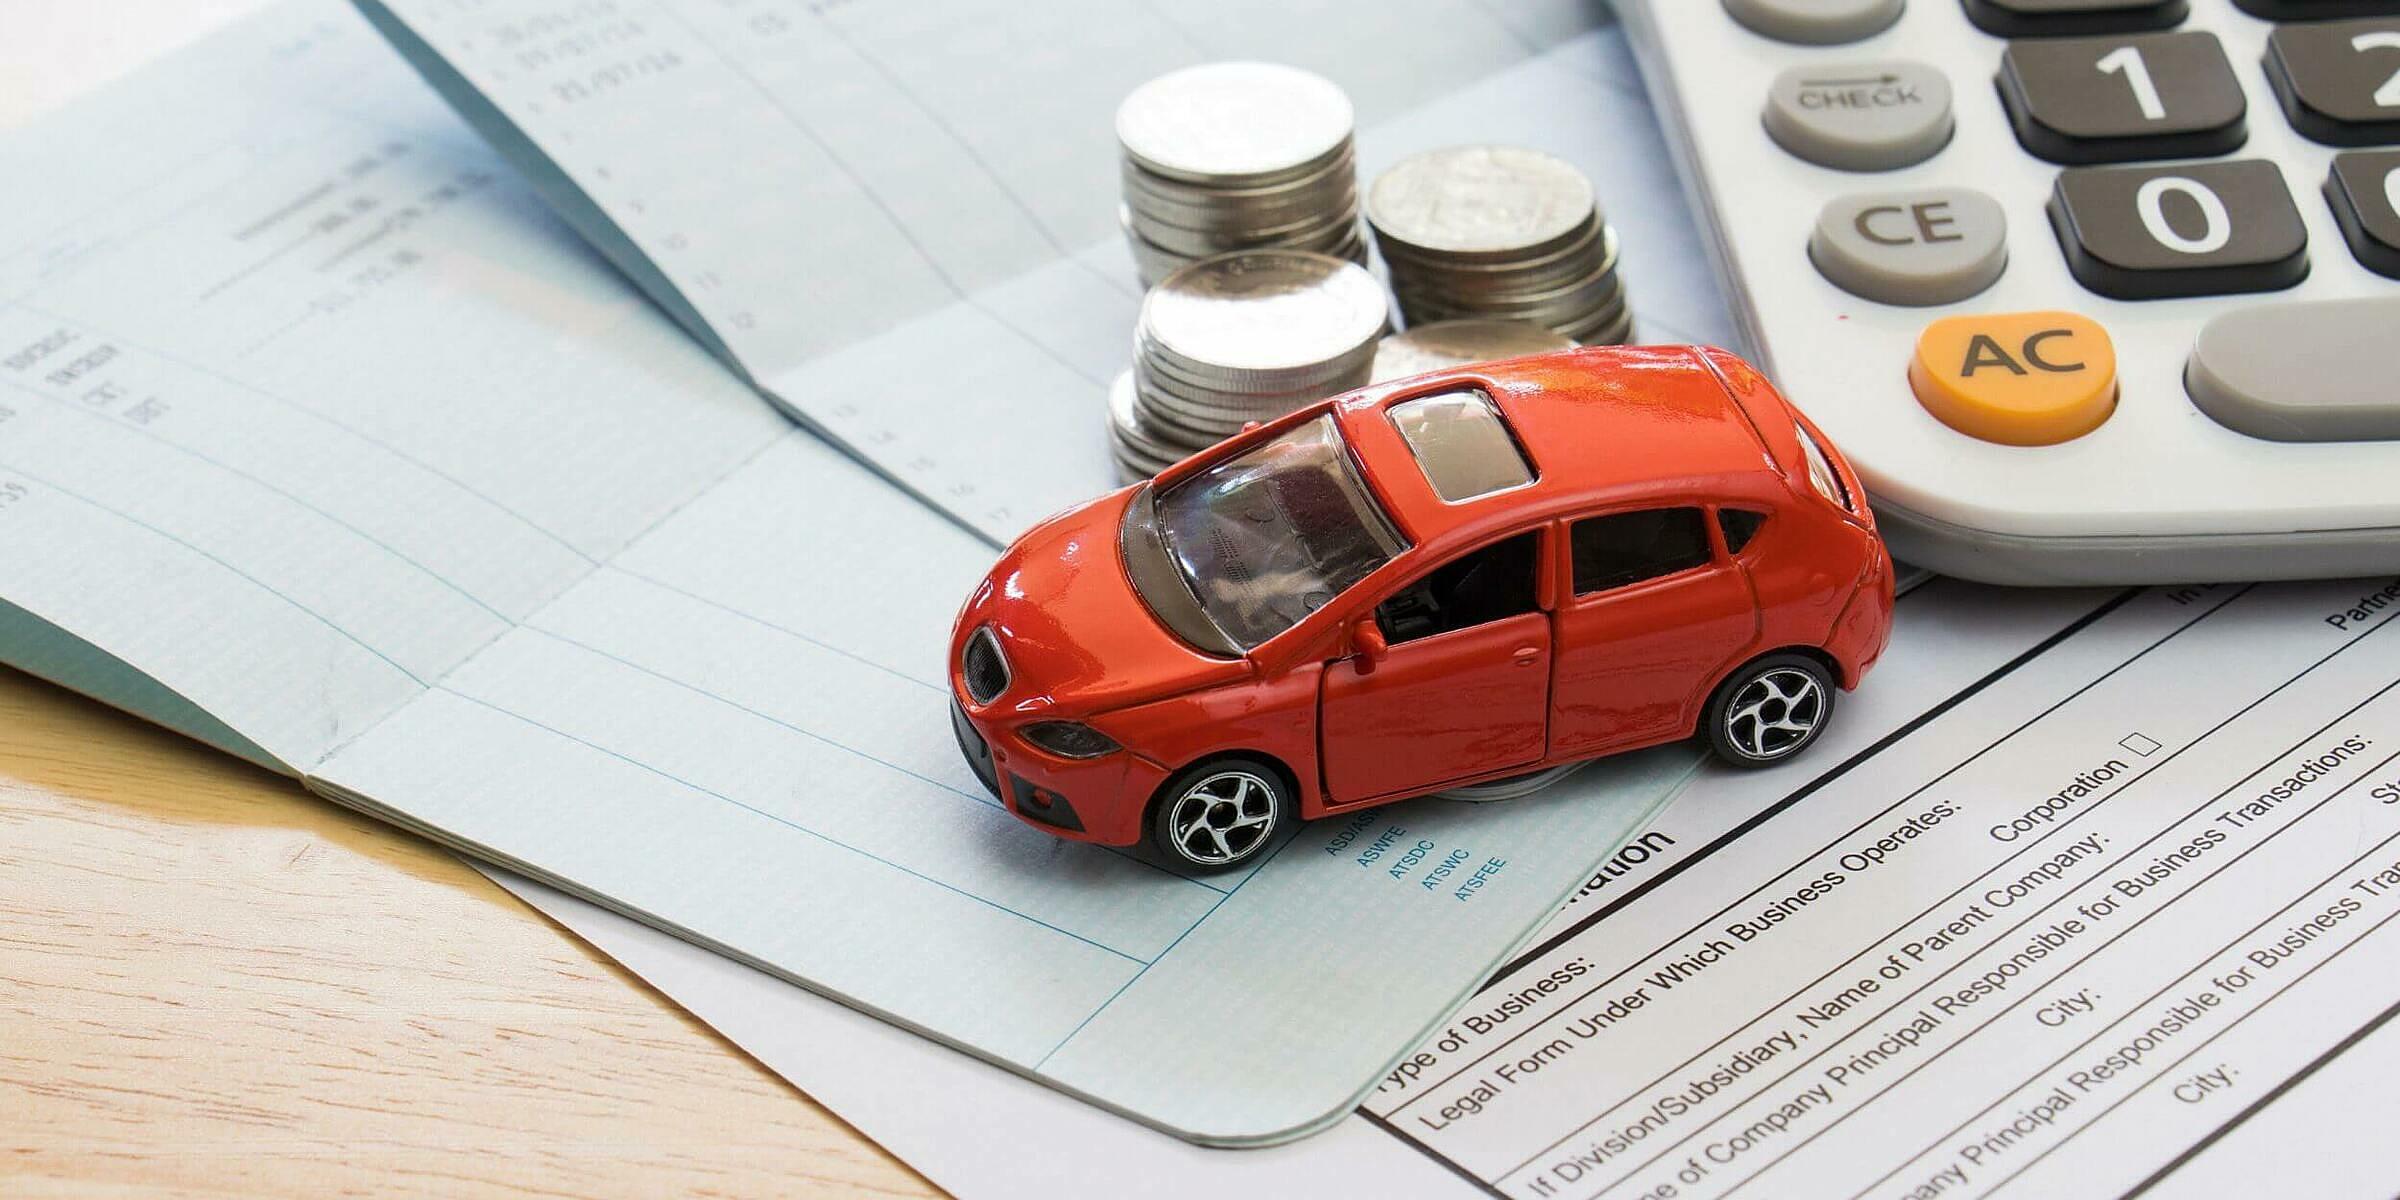 Thị trường bảo hiểm ôtô tại Anh được dự báo tiếp tục khó khăn trong thời gian tới. Ảnh: Dayinsure.